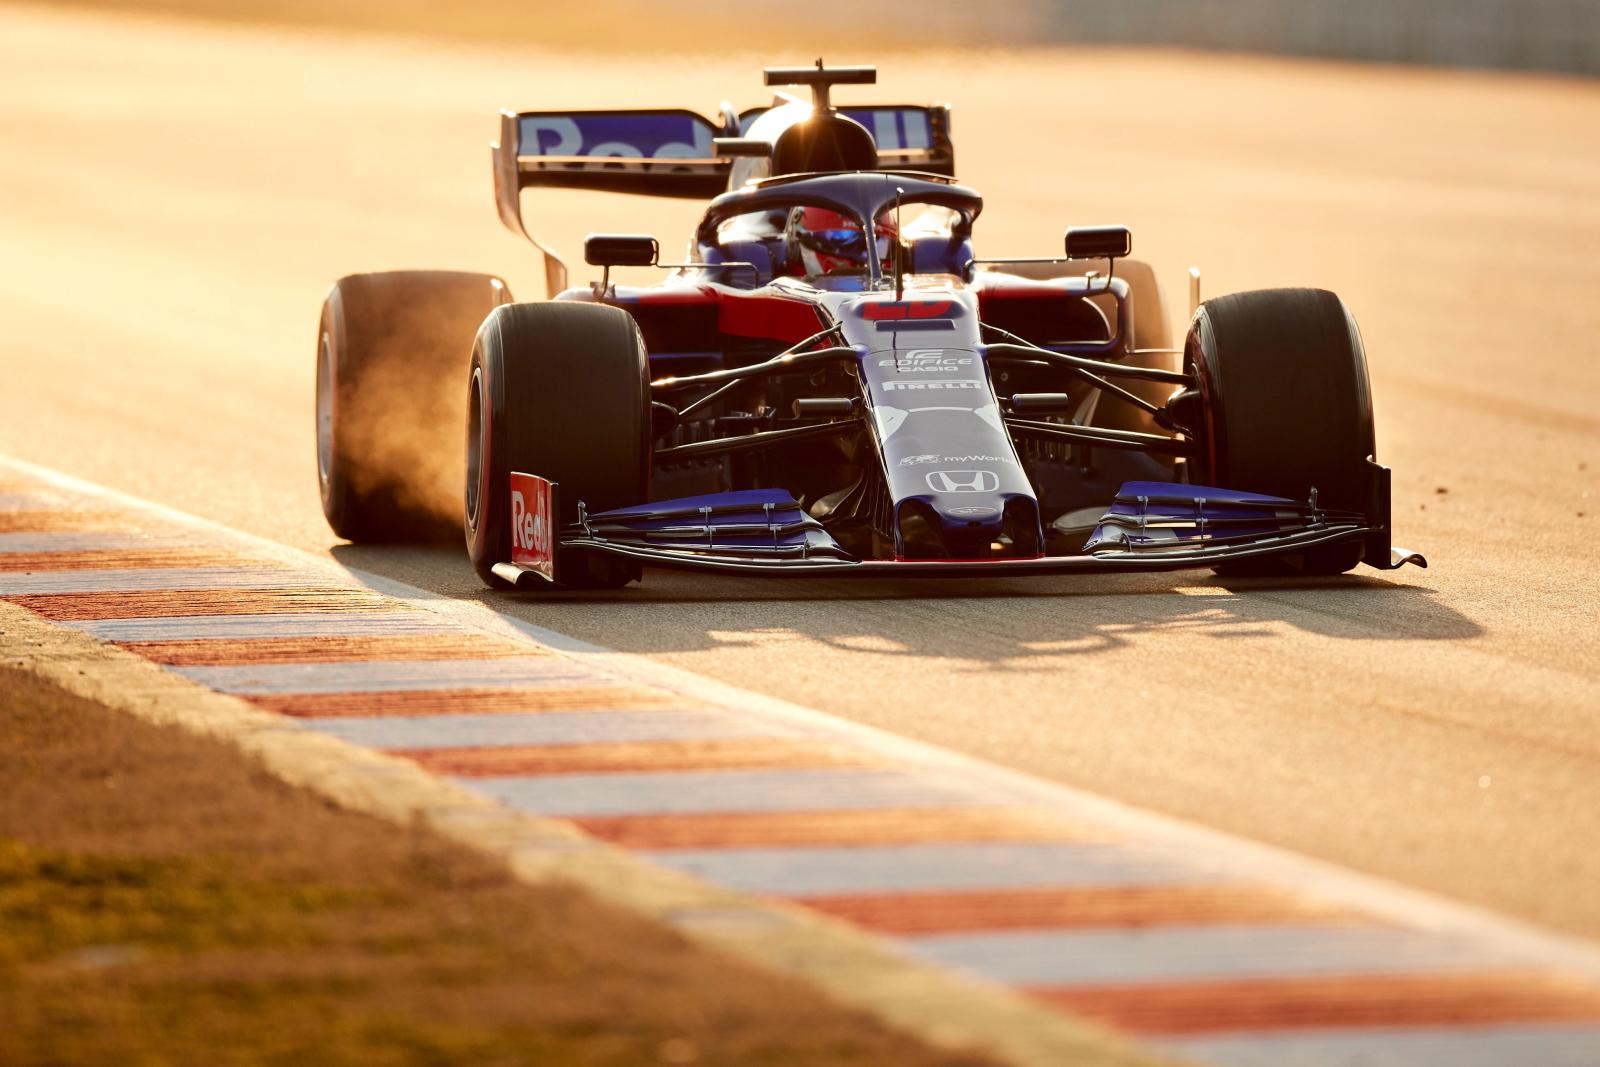 Przedsezonowe testy F1 w Barcelonie. fot. EPA/Alejandro Garcia